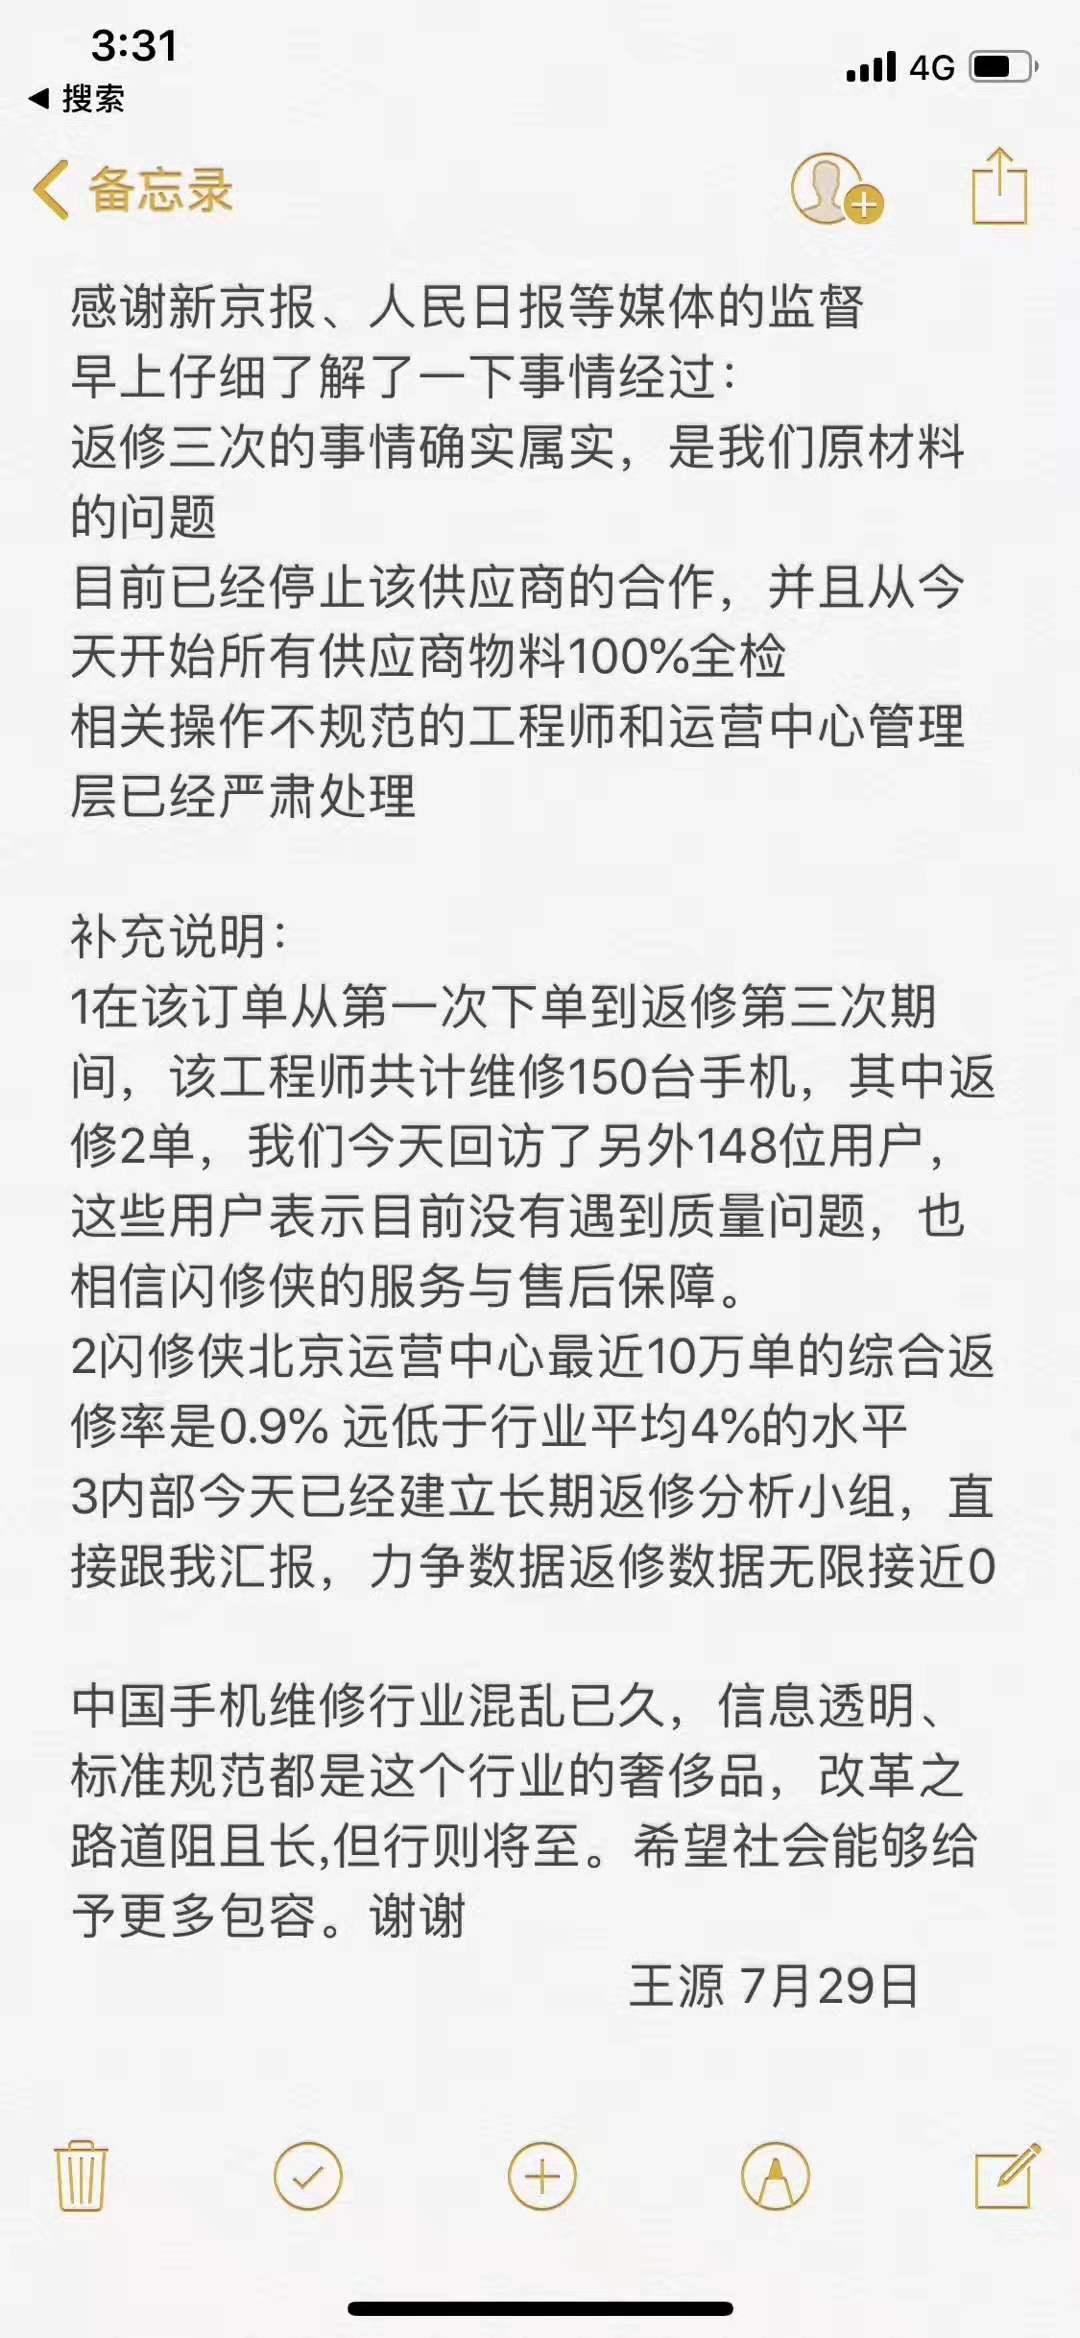 """""""闪修侠""""回应低价组装件换掉原装件:已停止该供应商合作,物料100%全检"""